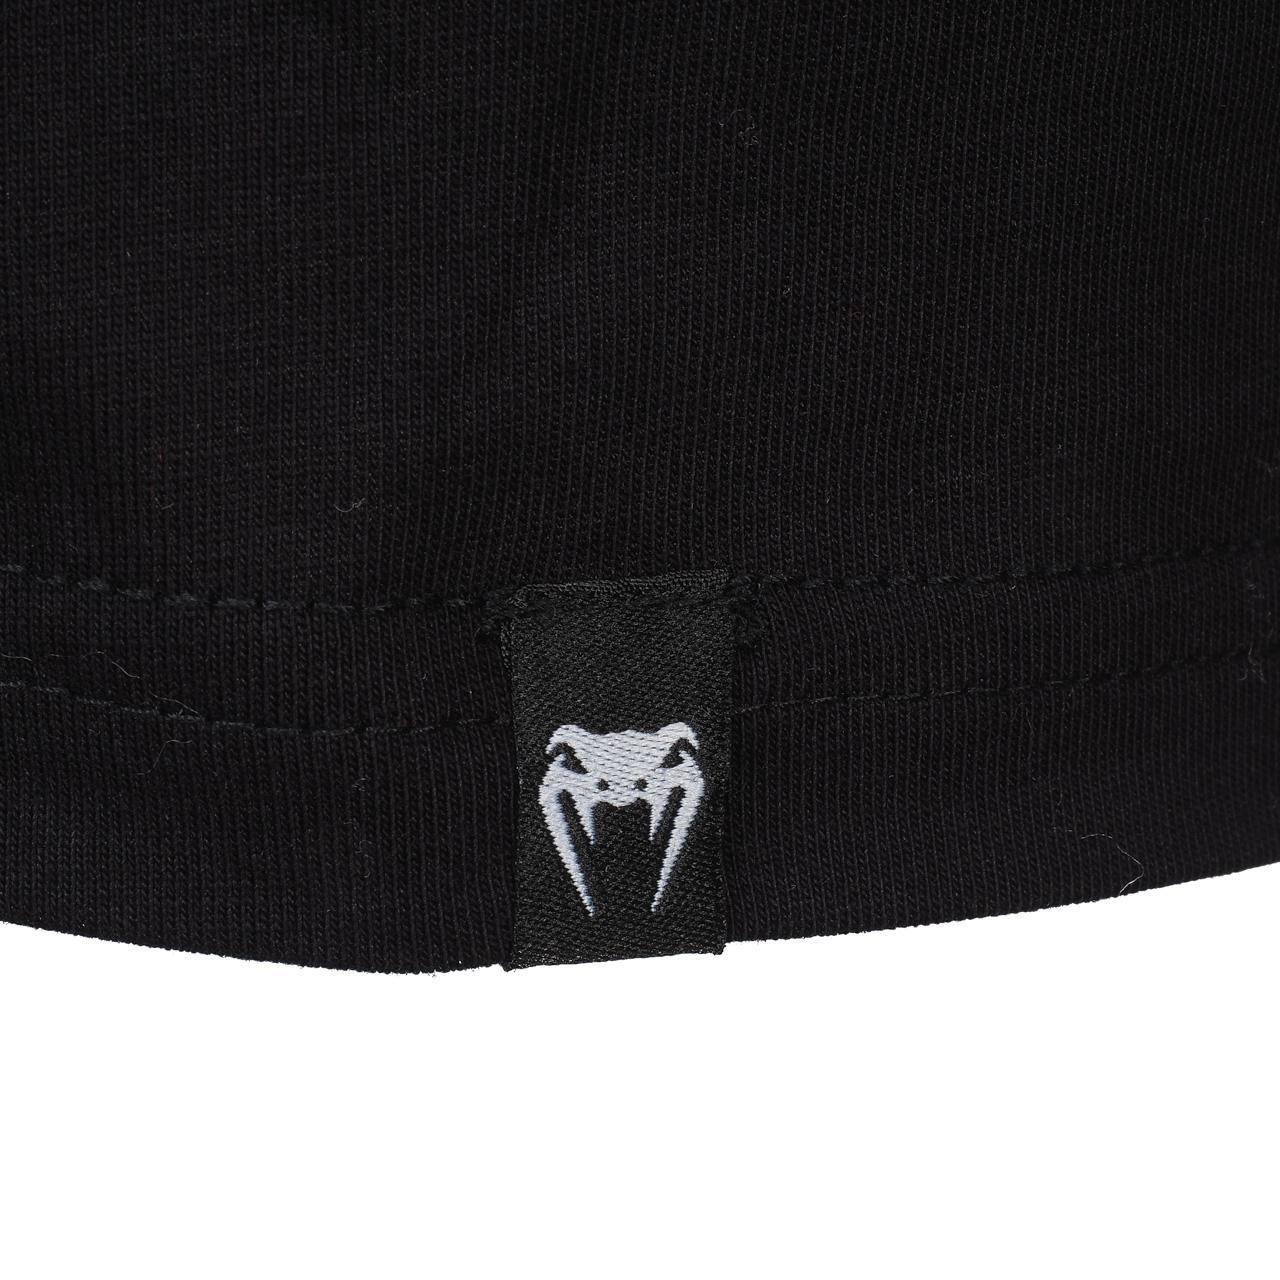 Short-Sleeve-T-Shirt-Venum-Logo-Black-Wht-Mc-Tee-Black-18232-New thumbnail 3